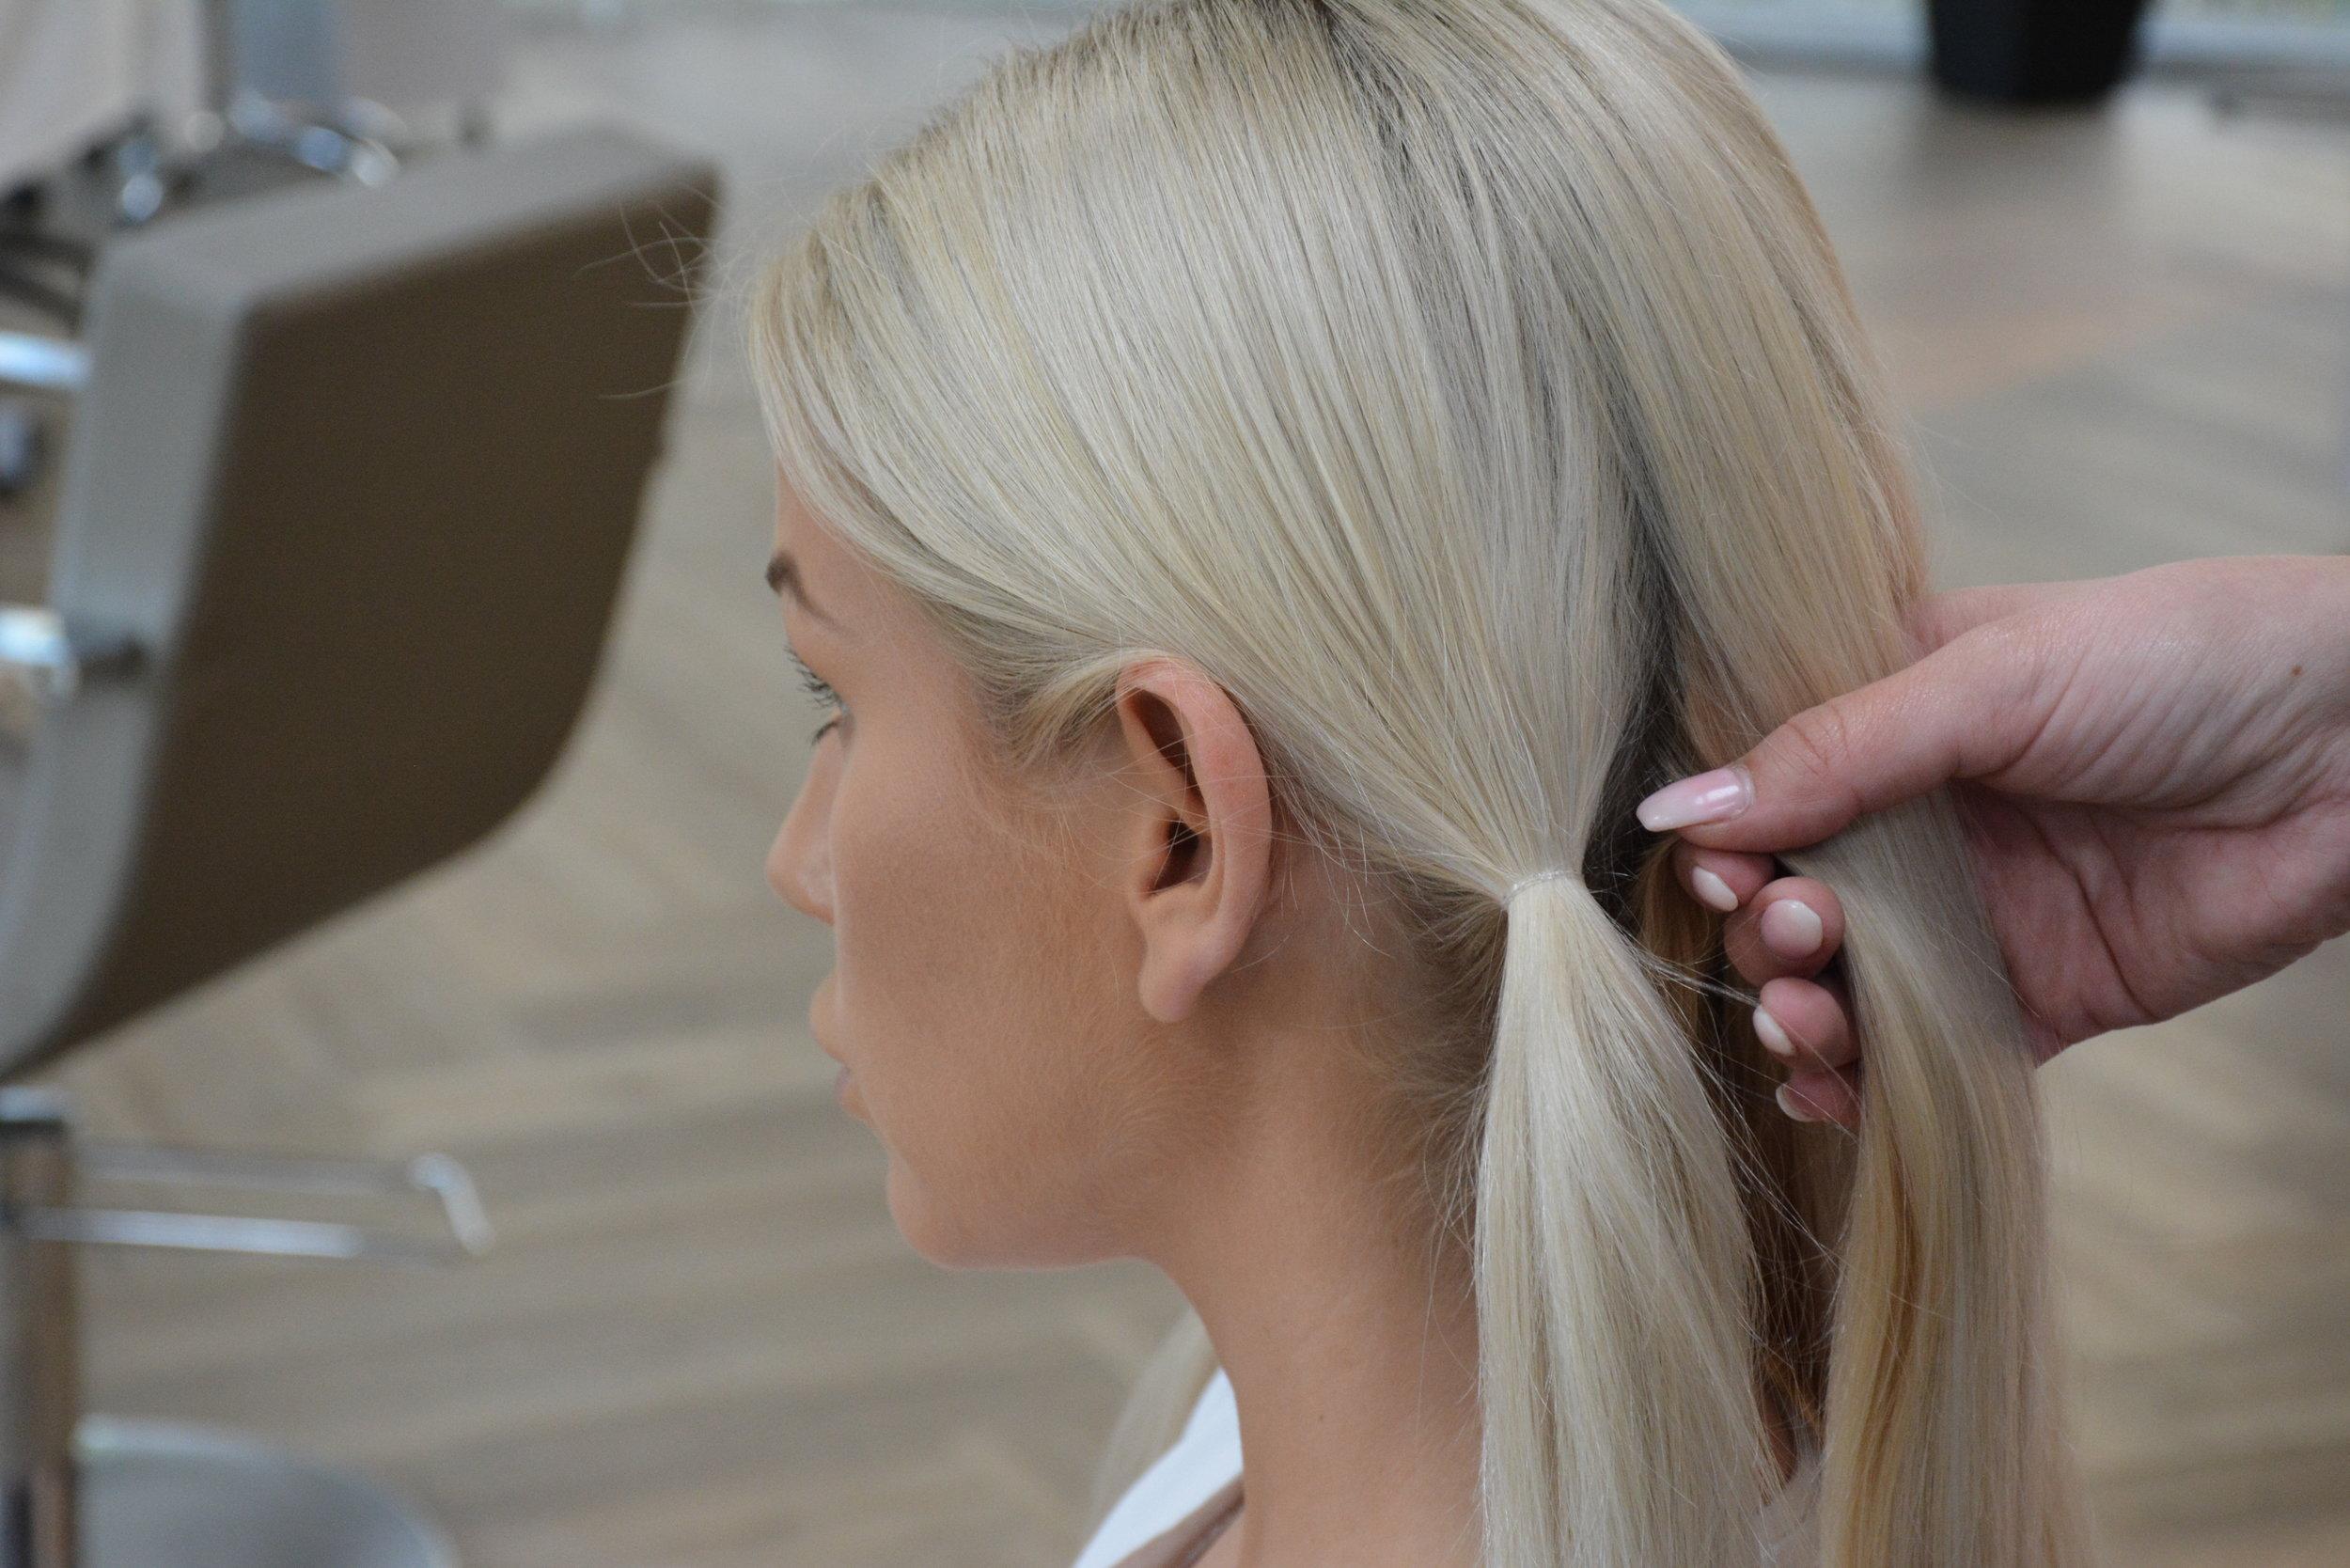 Først må du tupere håret og lage litt volum i skill og bak på hodet. Børst ut slik at det blir fin overflate. Del opp håret og fest en gummistrikk litt bak øret. La det være litt løst hår fremfor øret for et løsere utseende.